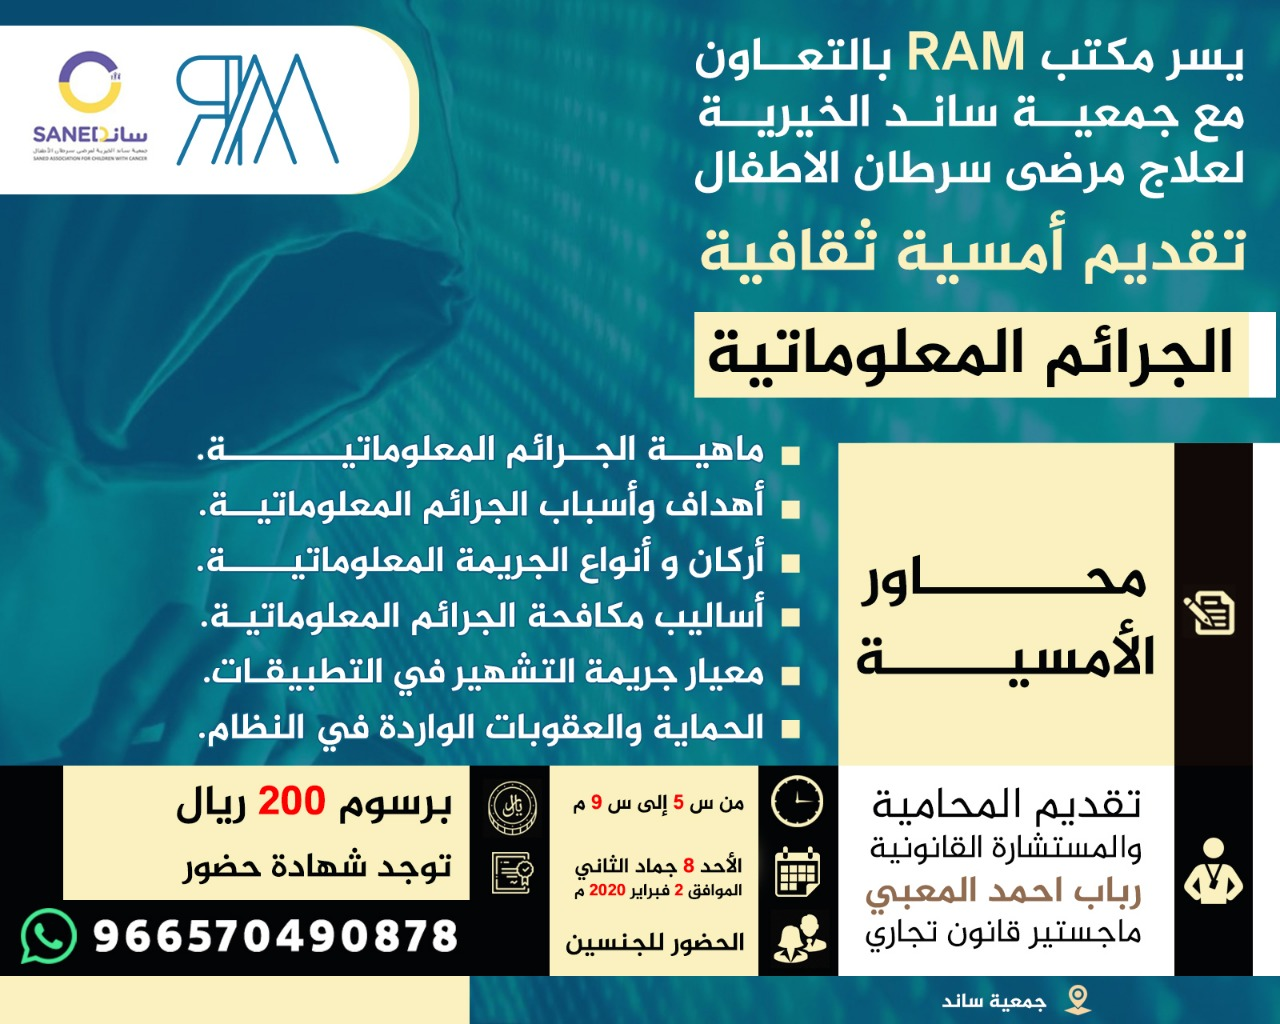 أمسية الجرائم المعلوماتية تقديم المحامية والمحكم التجاري رباب احمد المعبي